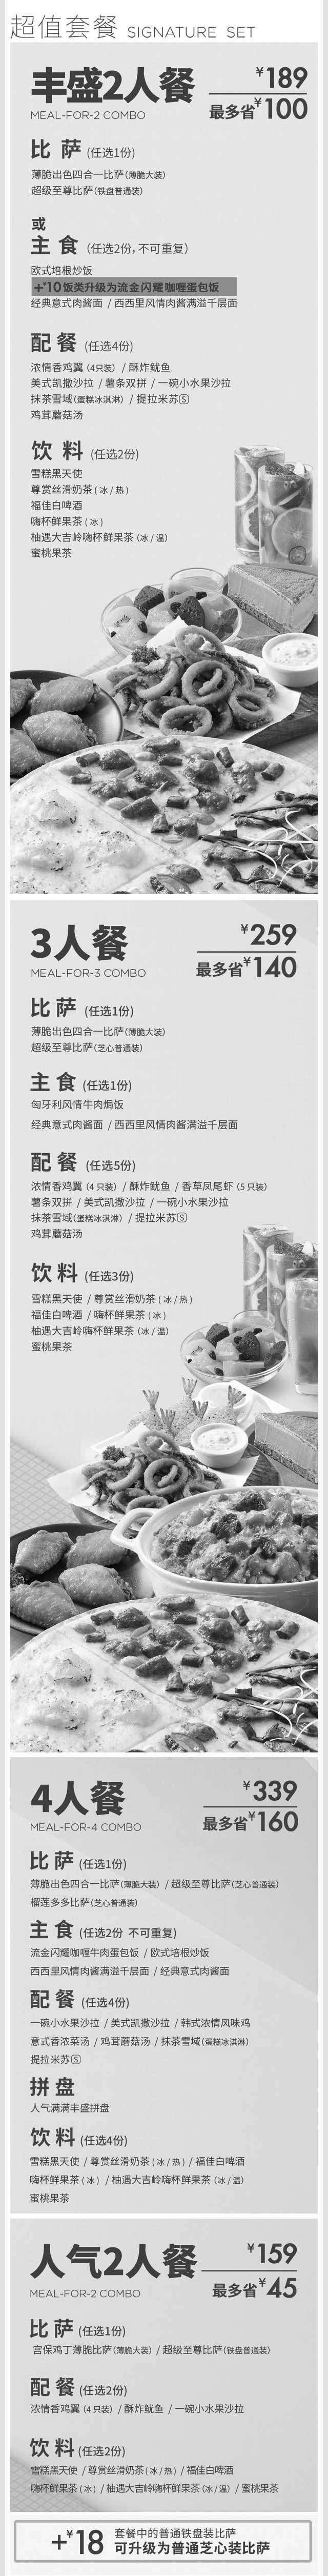 黑白优惠券图片:必胜客2018年9月10月超值套餐,2人餐159元起,3人餐259元,4人餐339元 - www.5ikfc.com